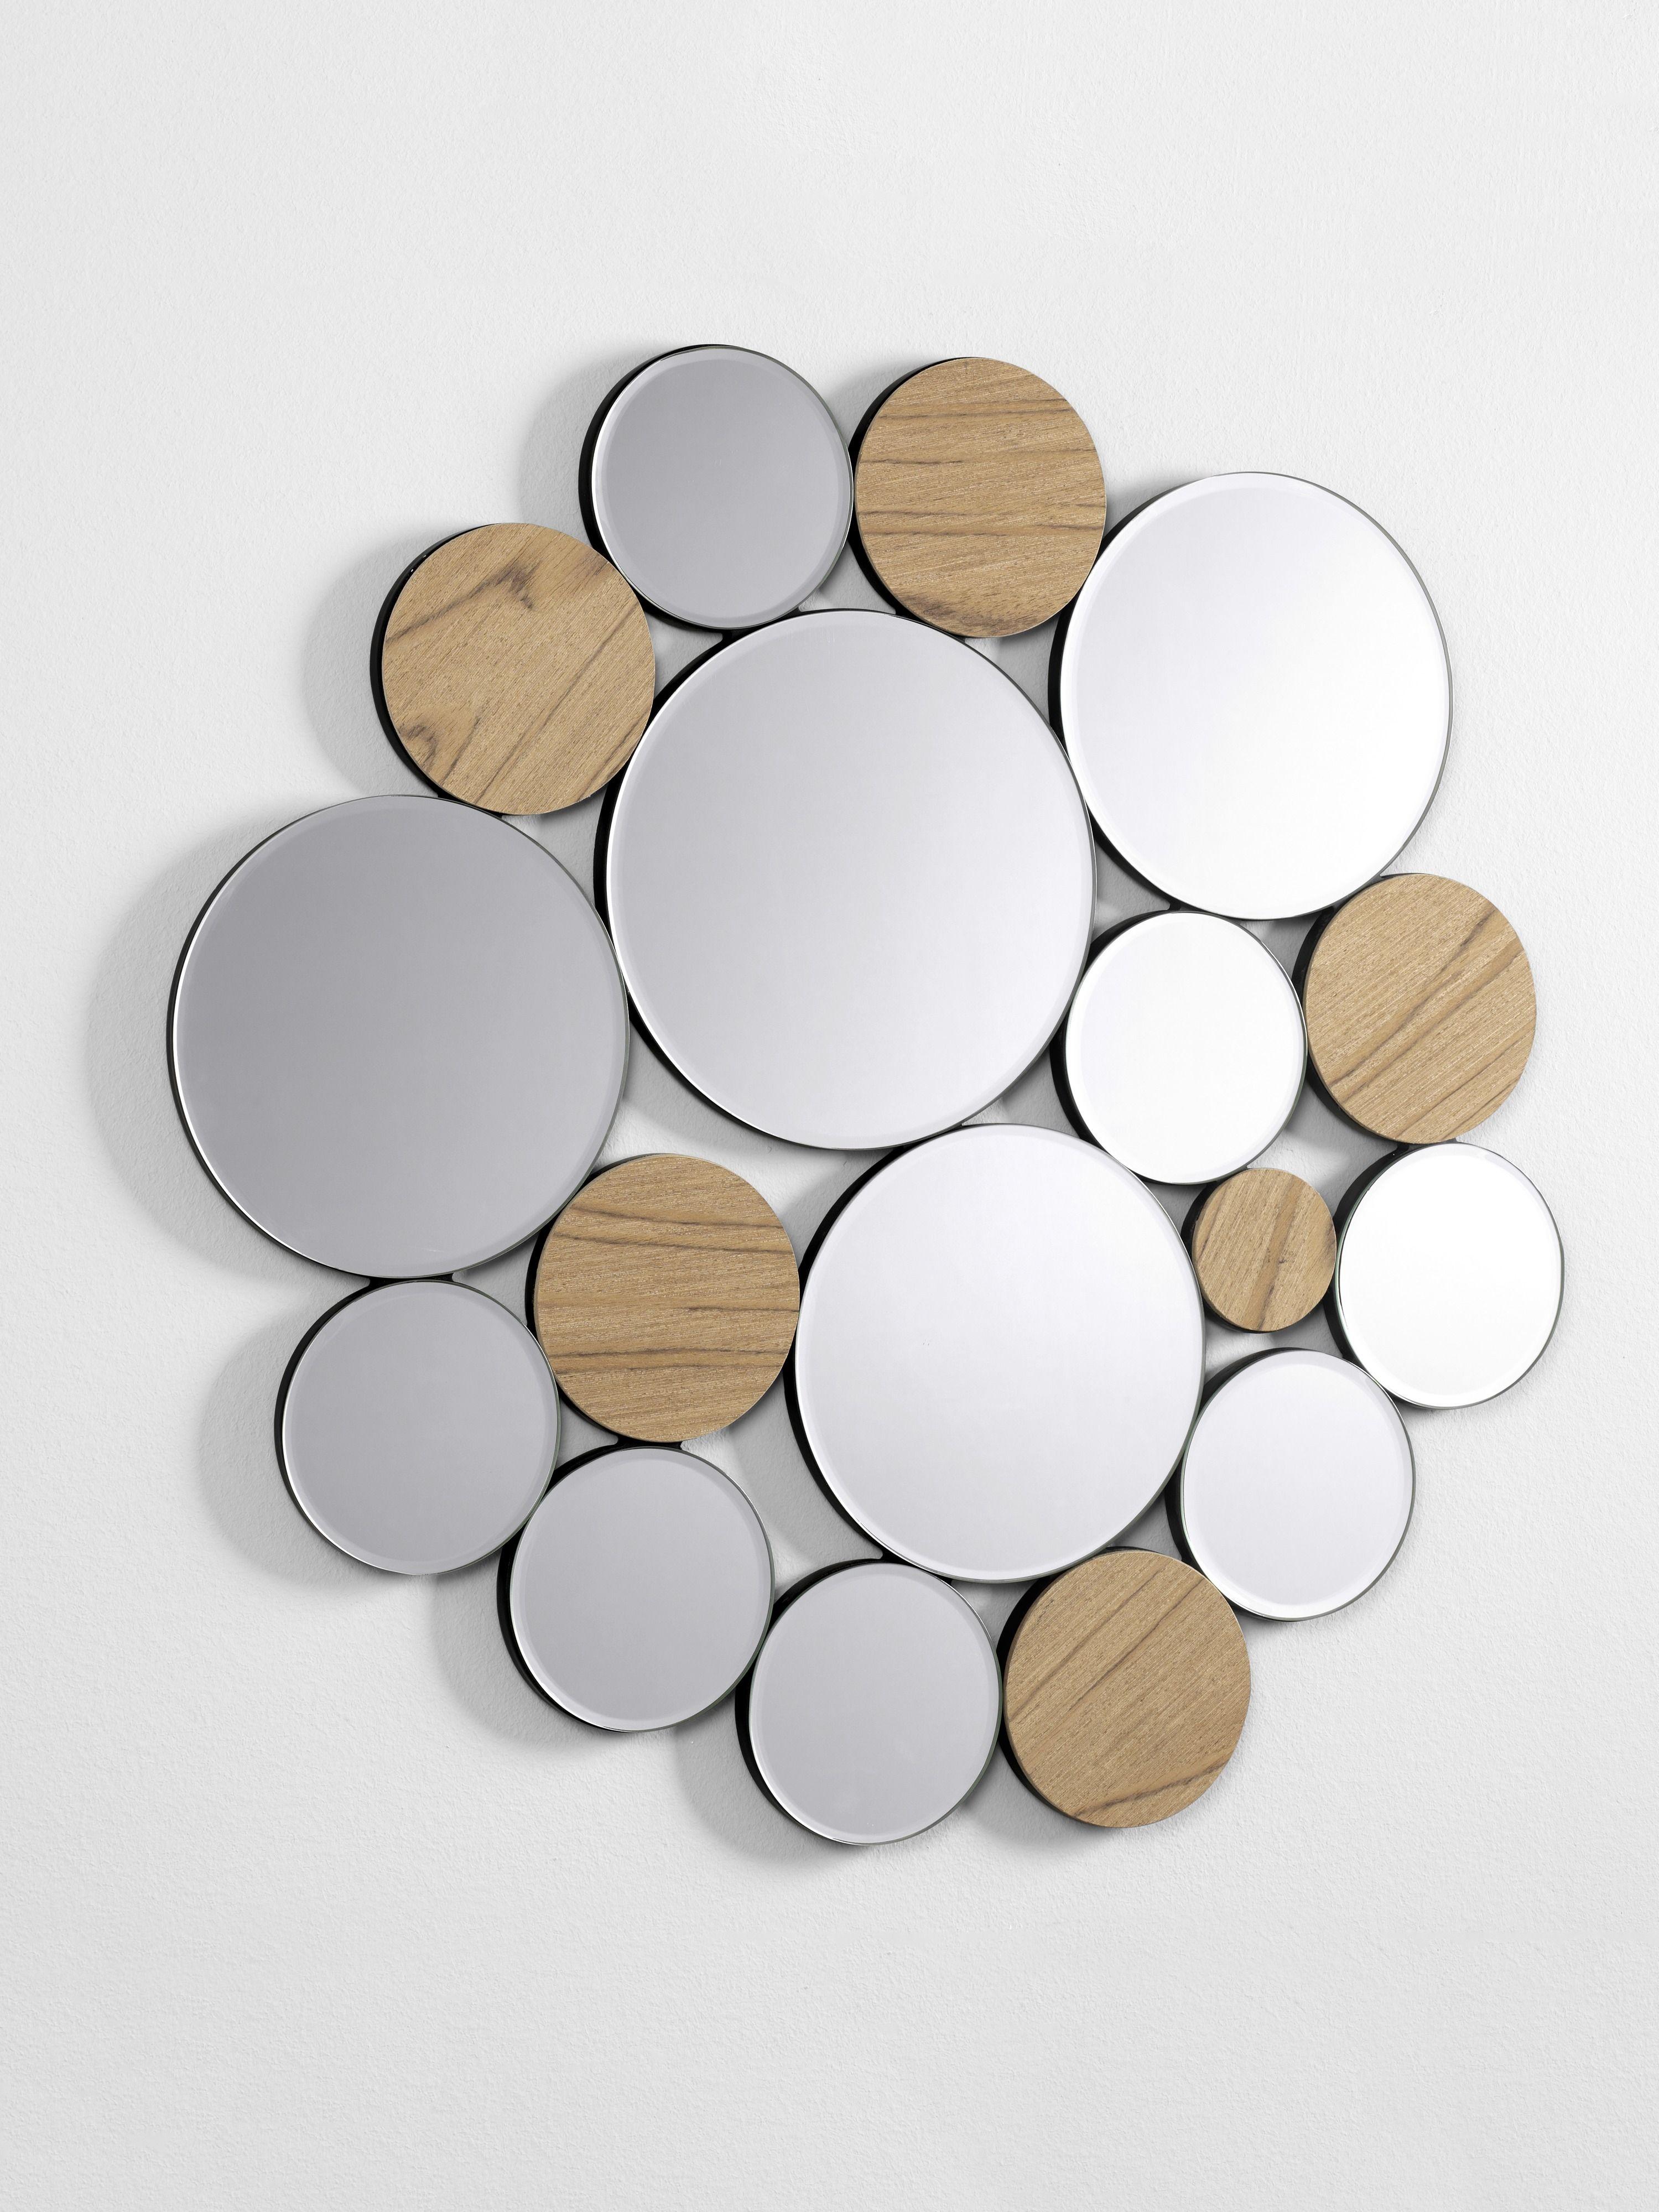 heine home spiegel online bestellen kauf auf raten kauf. Black Bedroom Furniture Sets. Home Design Ideas